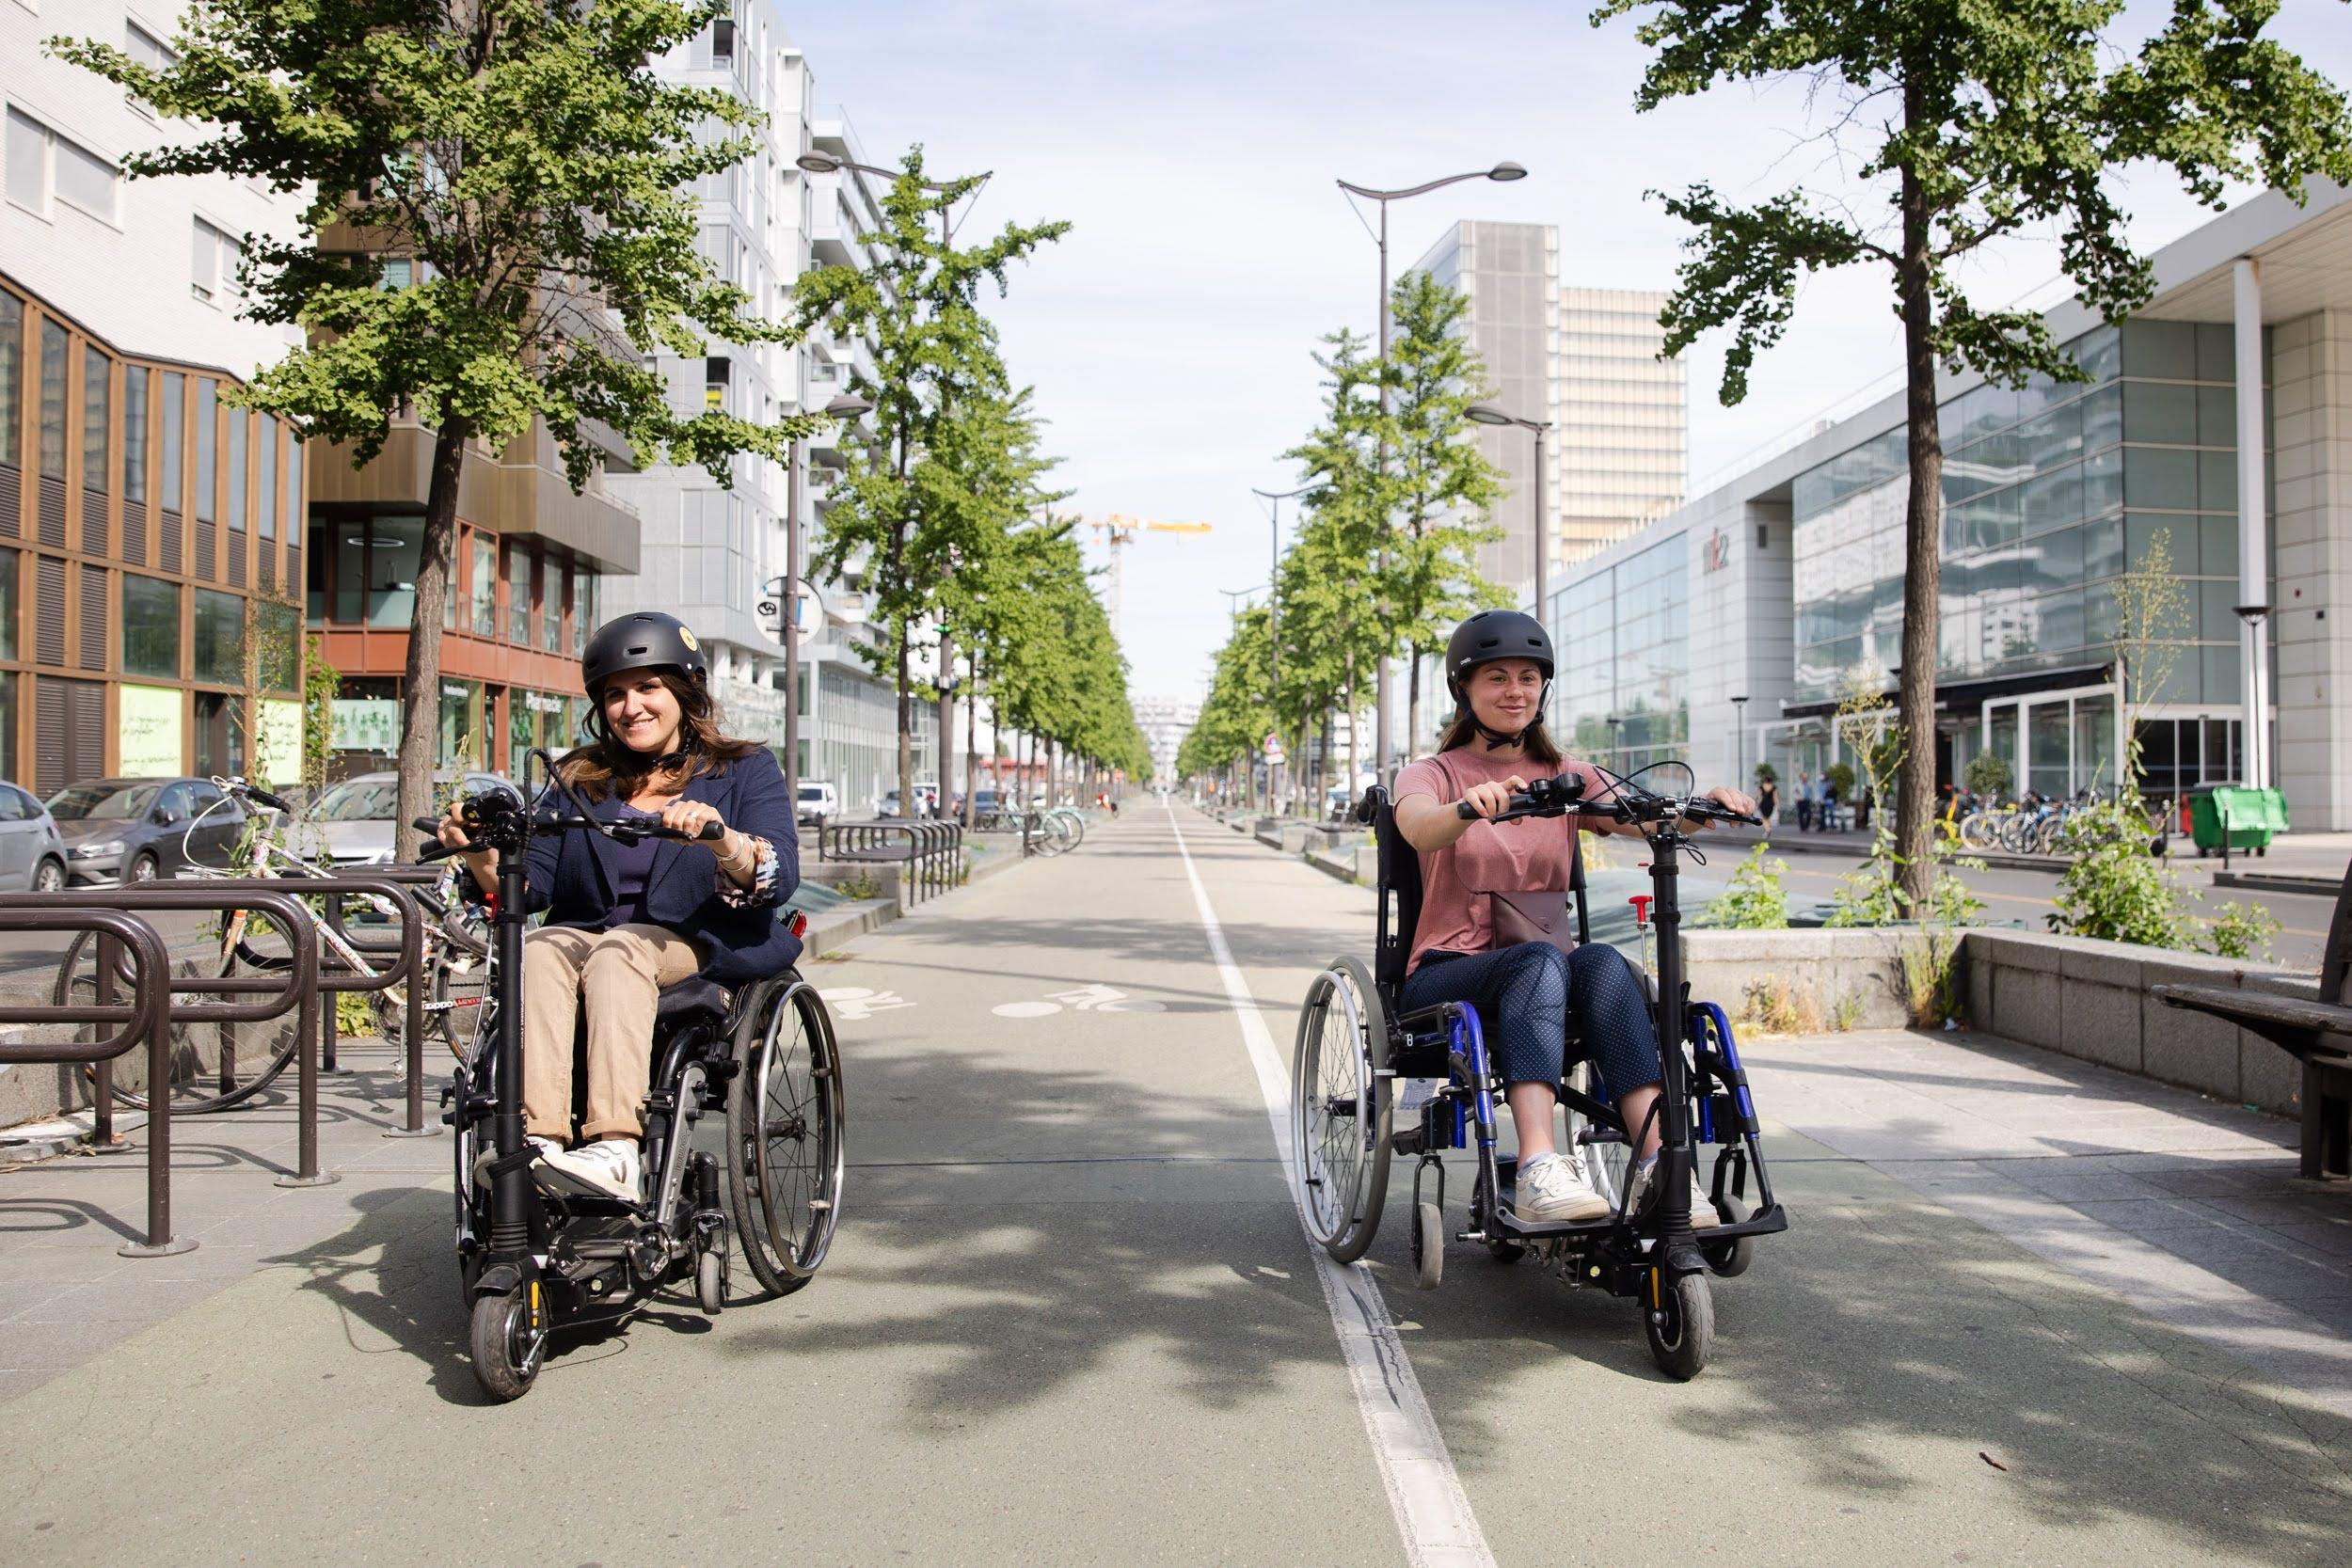 Fixation pour utiliser les trottinettes électriques en fauteuil roulant